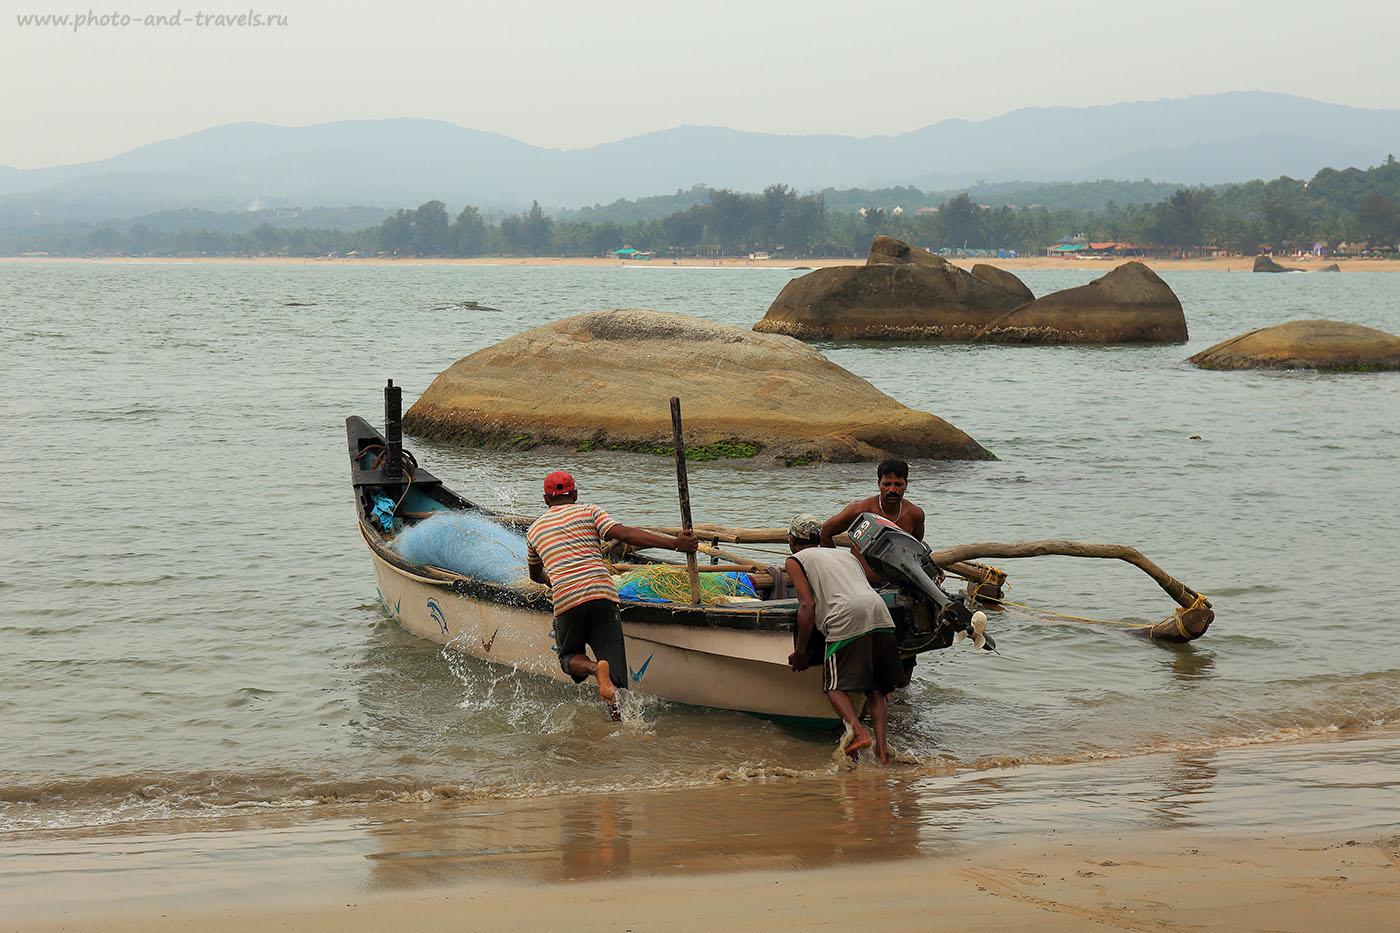 Фотография 5. Рыбаки. Отчет про отдых на Гоа в несезон: в октябре. Отзывы туристов об отдыхе в Индии (24-70, 1/125, 0eV, f9, 67mm, ISO